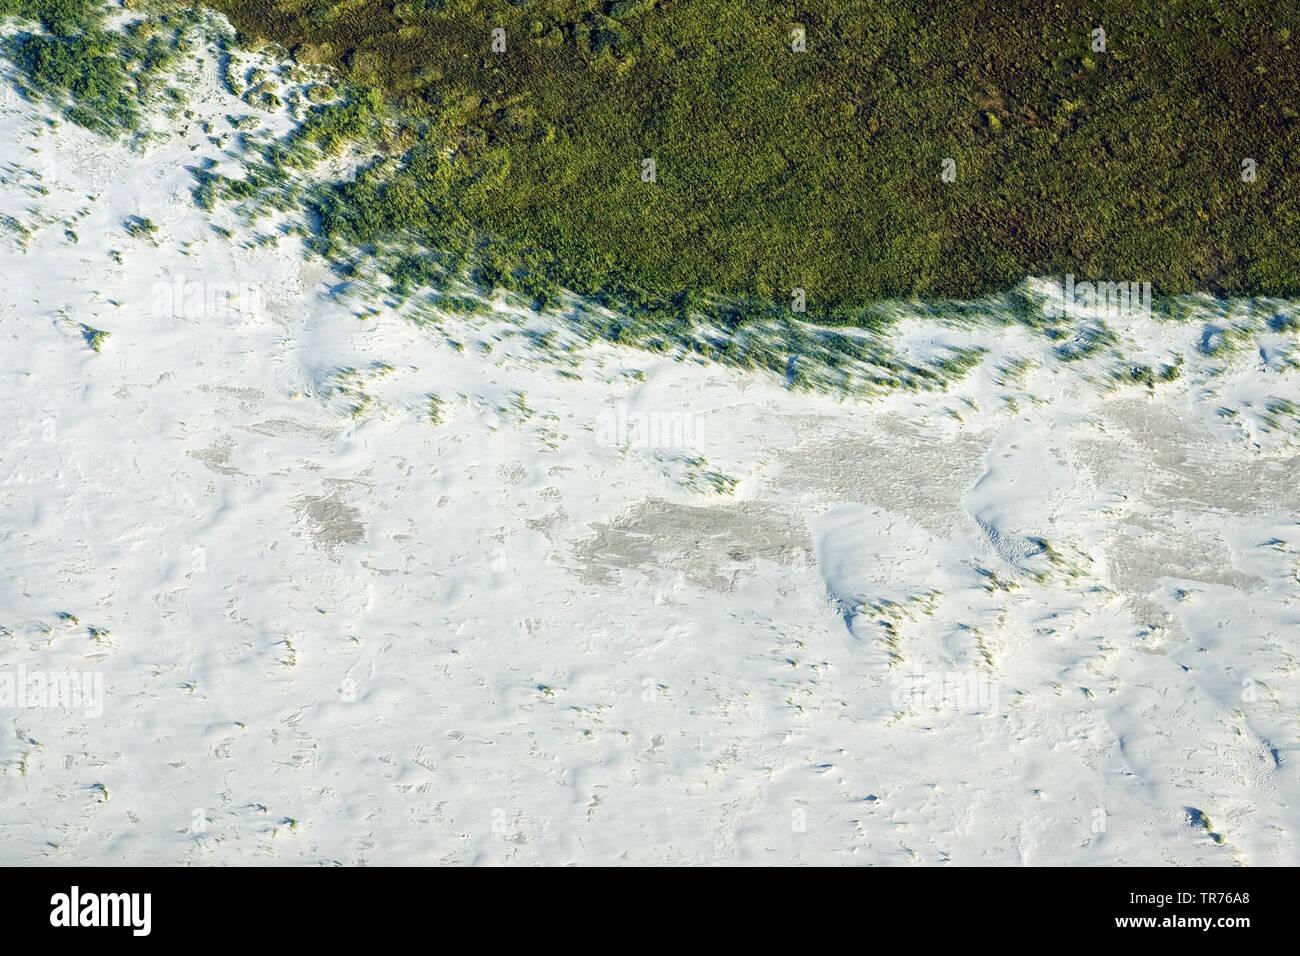 Duenen auf Schiermonnikoog, Luftbild, Niederlande, Schiermonnikoog | dunes of Schiermonnikoog, aerial photo, Netherlands, Schiermonnikoog | BLWS499113 - Stock Image